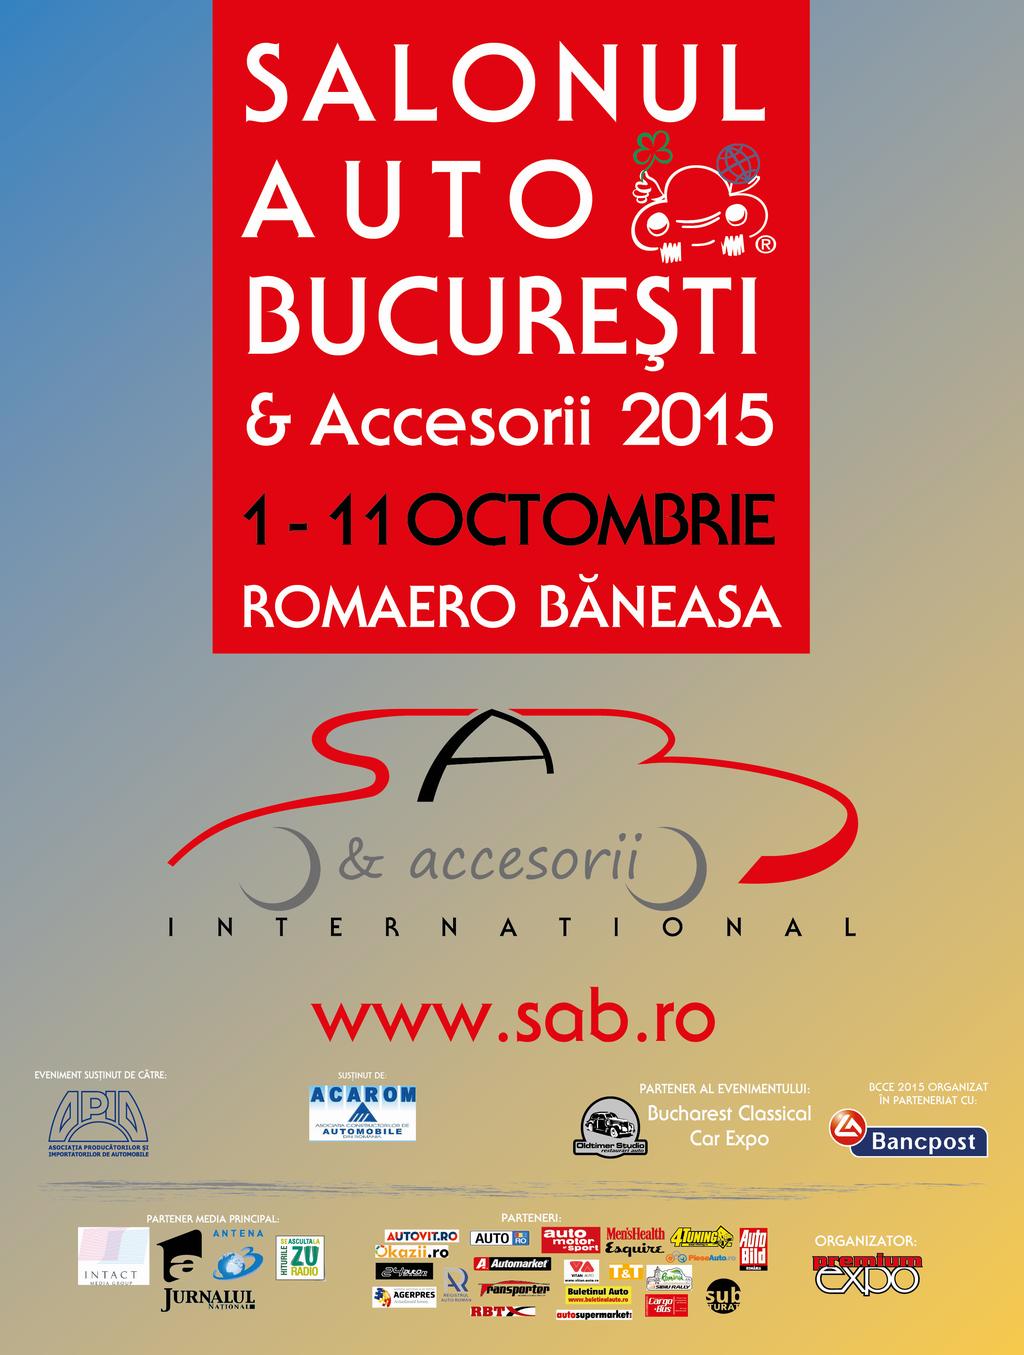 Salonul Auto Bucuresti 1-11 Octombrie 2015 - Romaero Baneasa